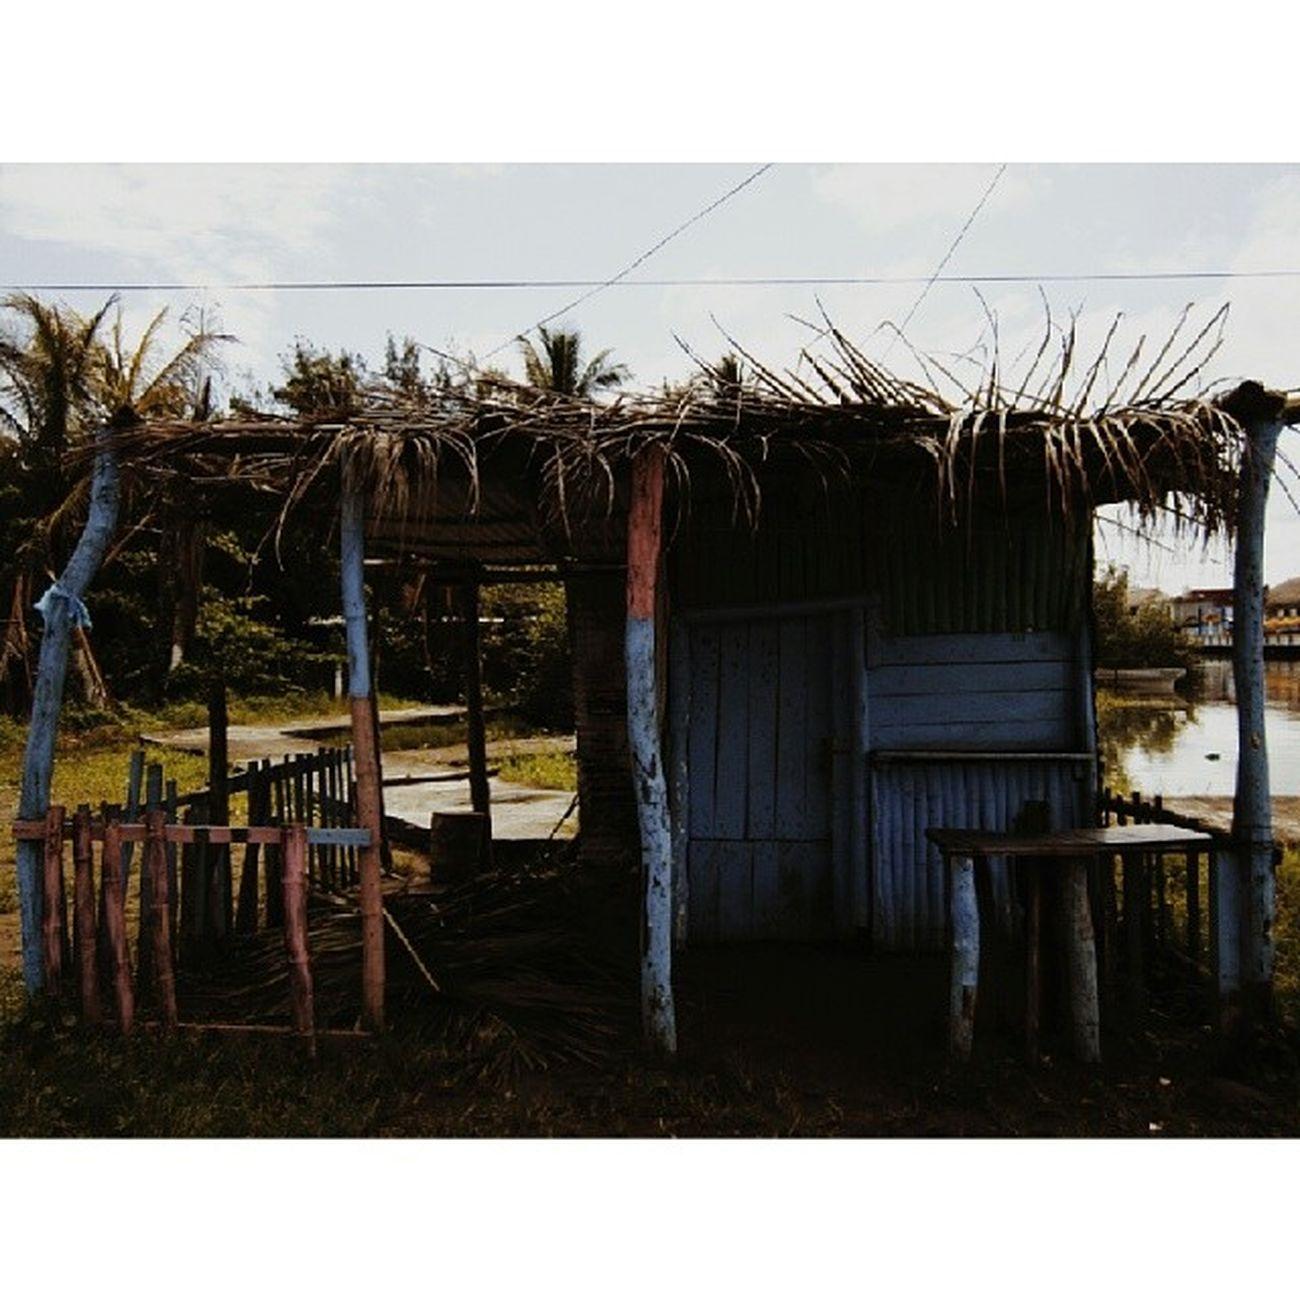 Casitas Mexico Veracruz Casitas Playa mar costa esmeralda sea sky nature landscape igersmexico vive_mexico photojournalism mxdelosmx flickr mexigers mextagram vscocam Fotomastermexico Mochileromx Mexicolindo gf_mexico ig_latino latingramers arquitecturamx colorsplashmx mexicolors mexico_maravilloso